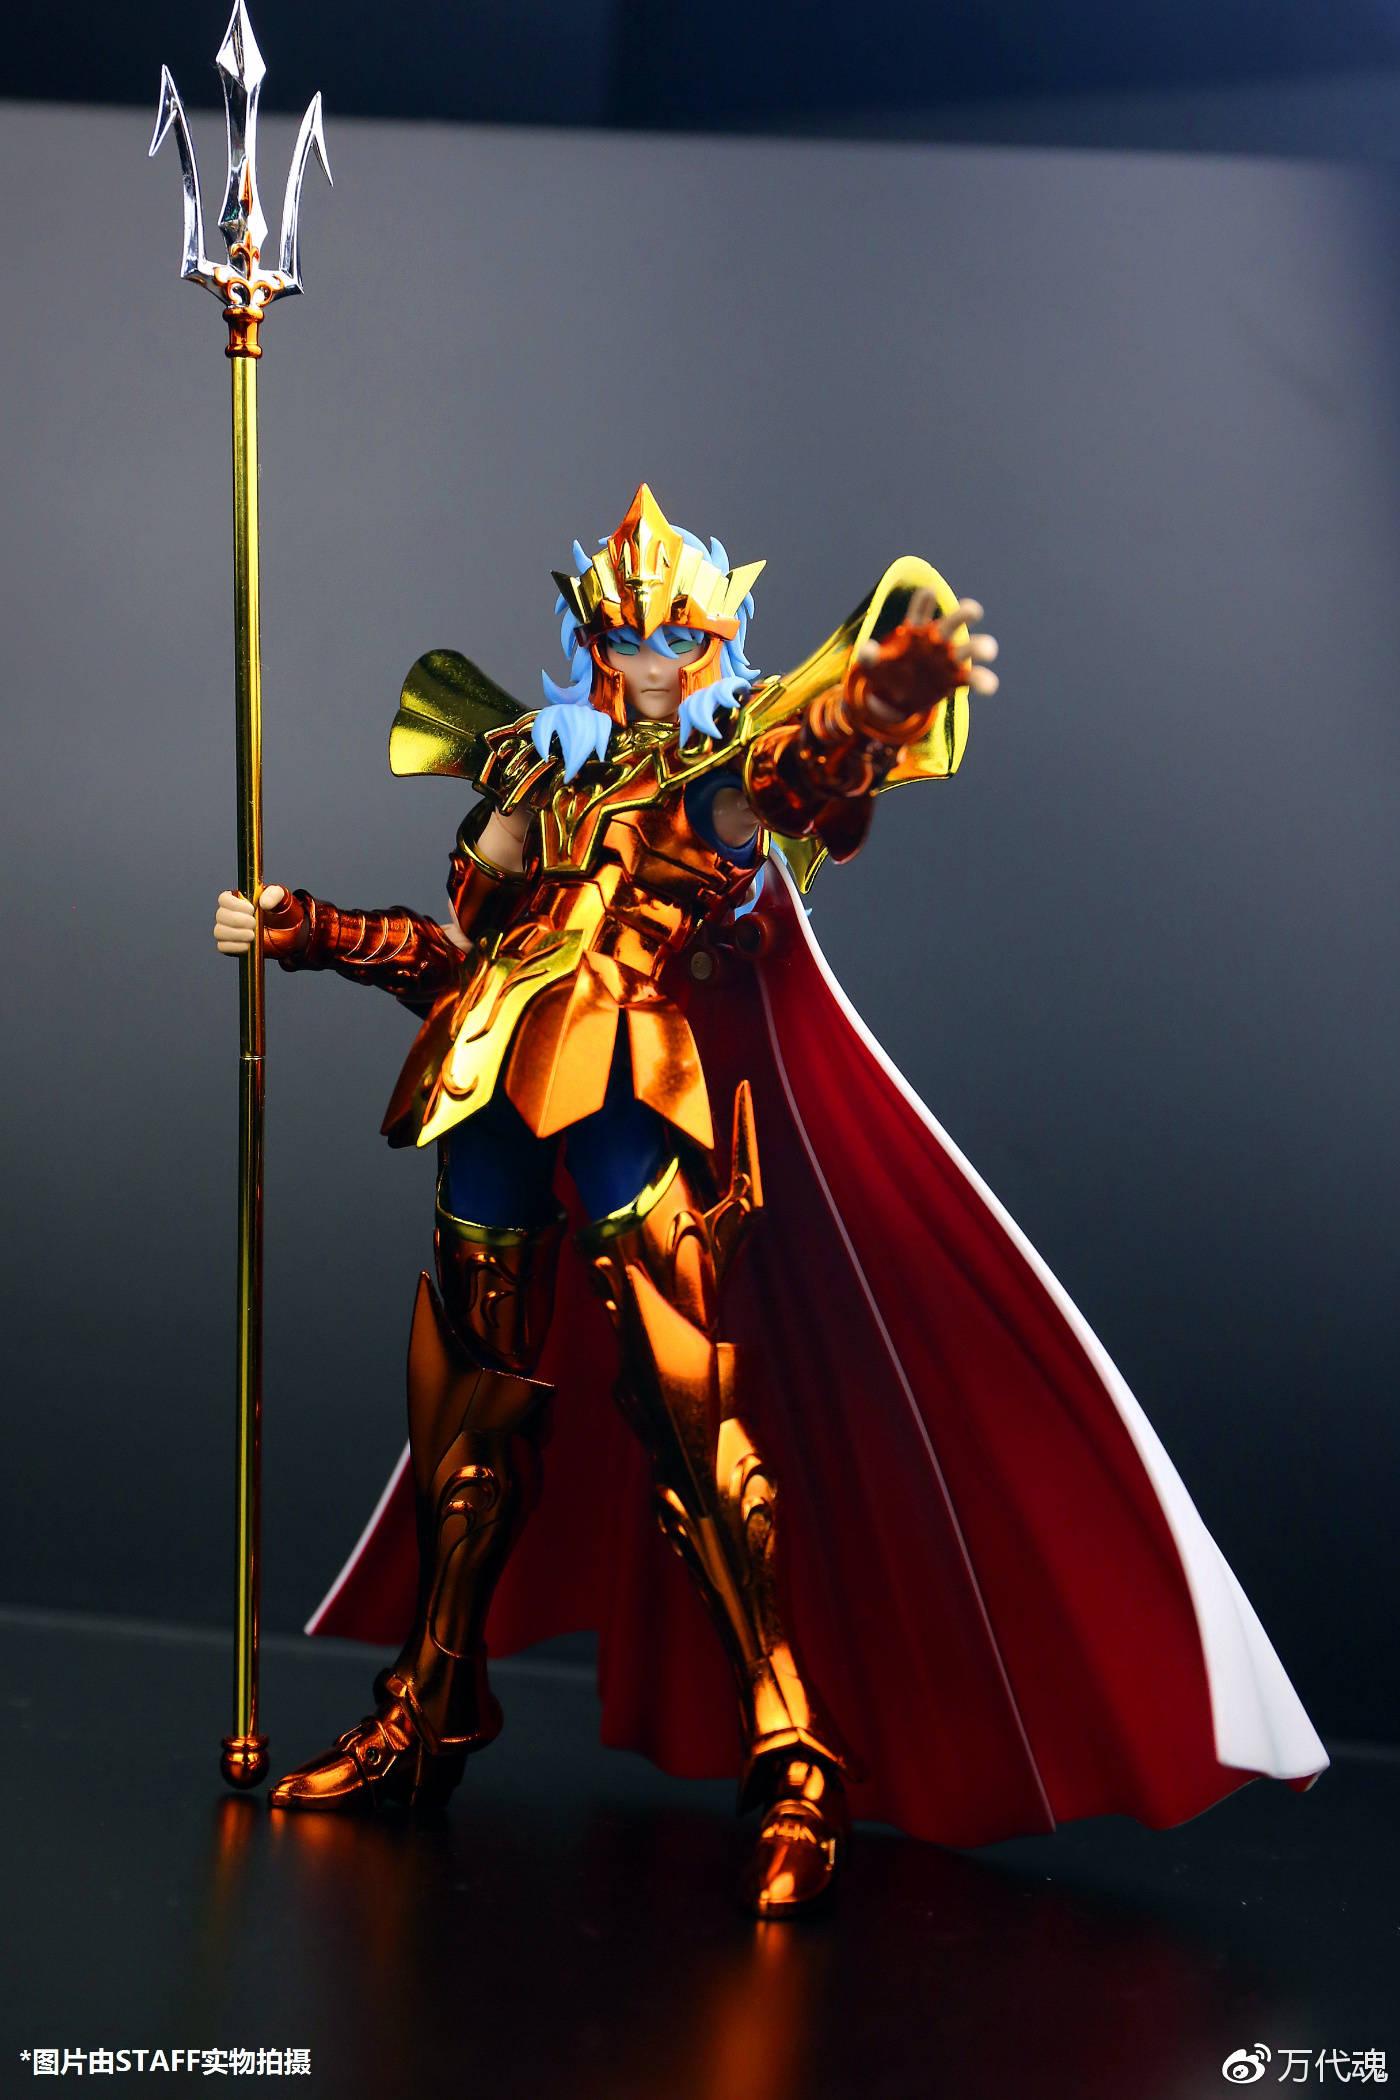 [Imagens] Poseidon EX & Poseidon EX Imperial Throne Set Xz17kAvn_o